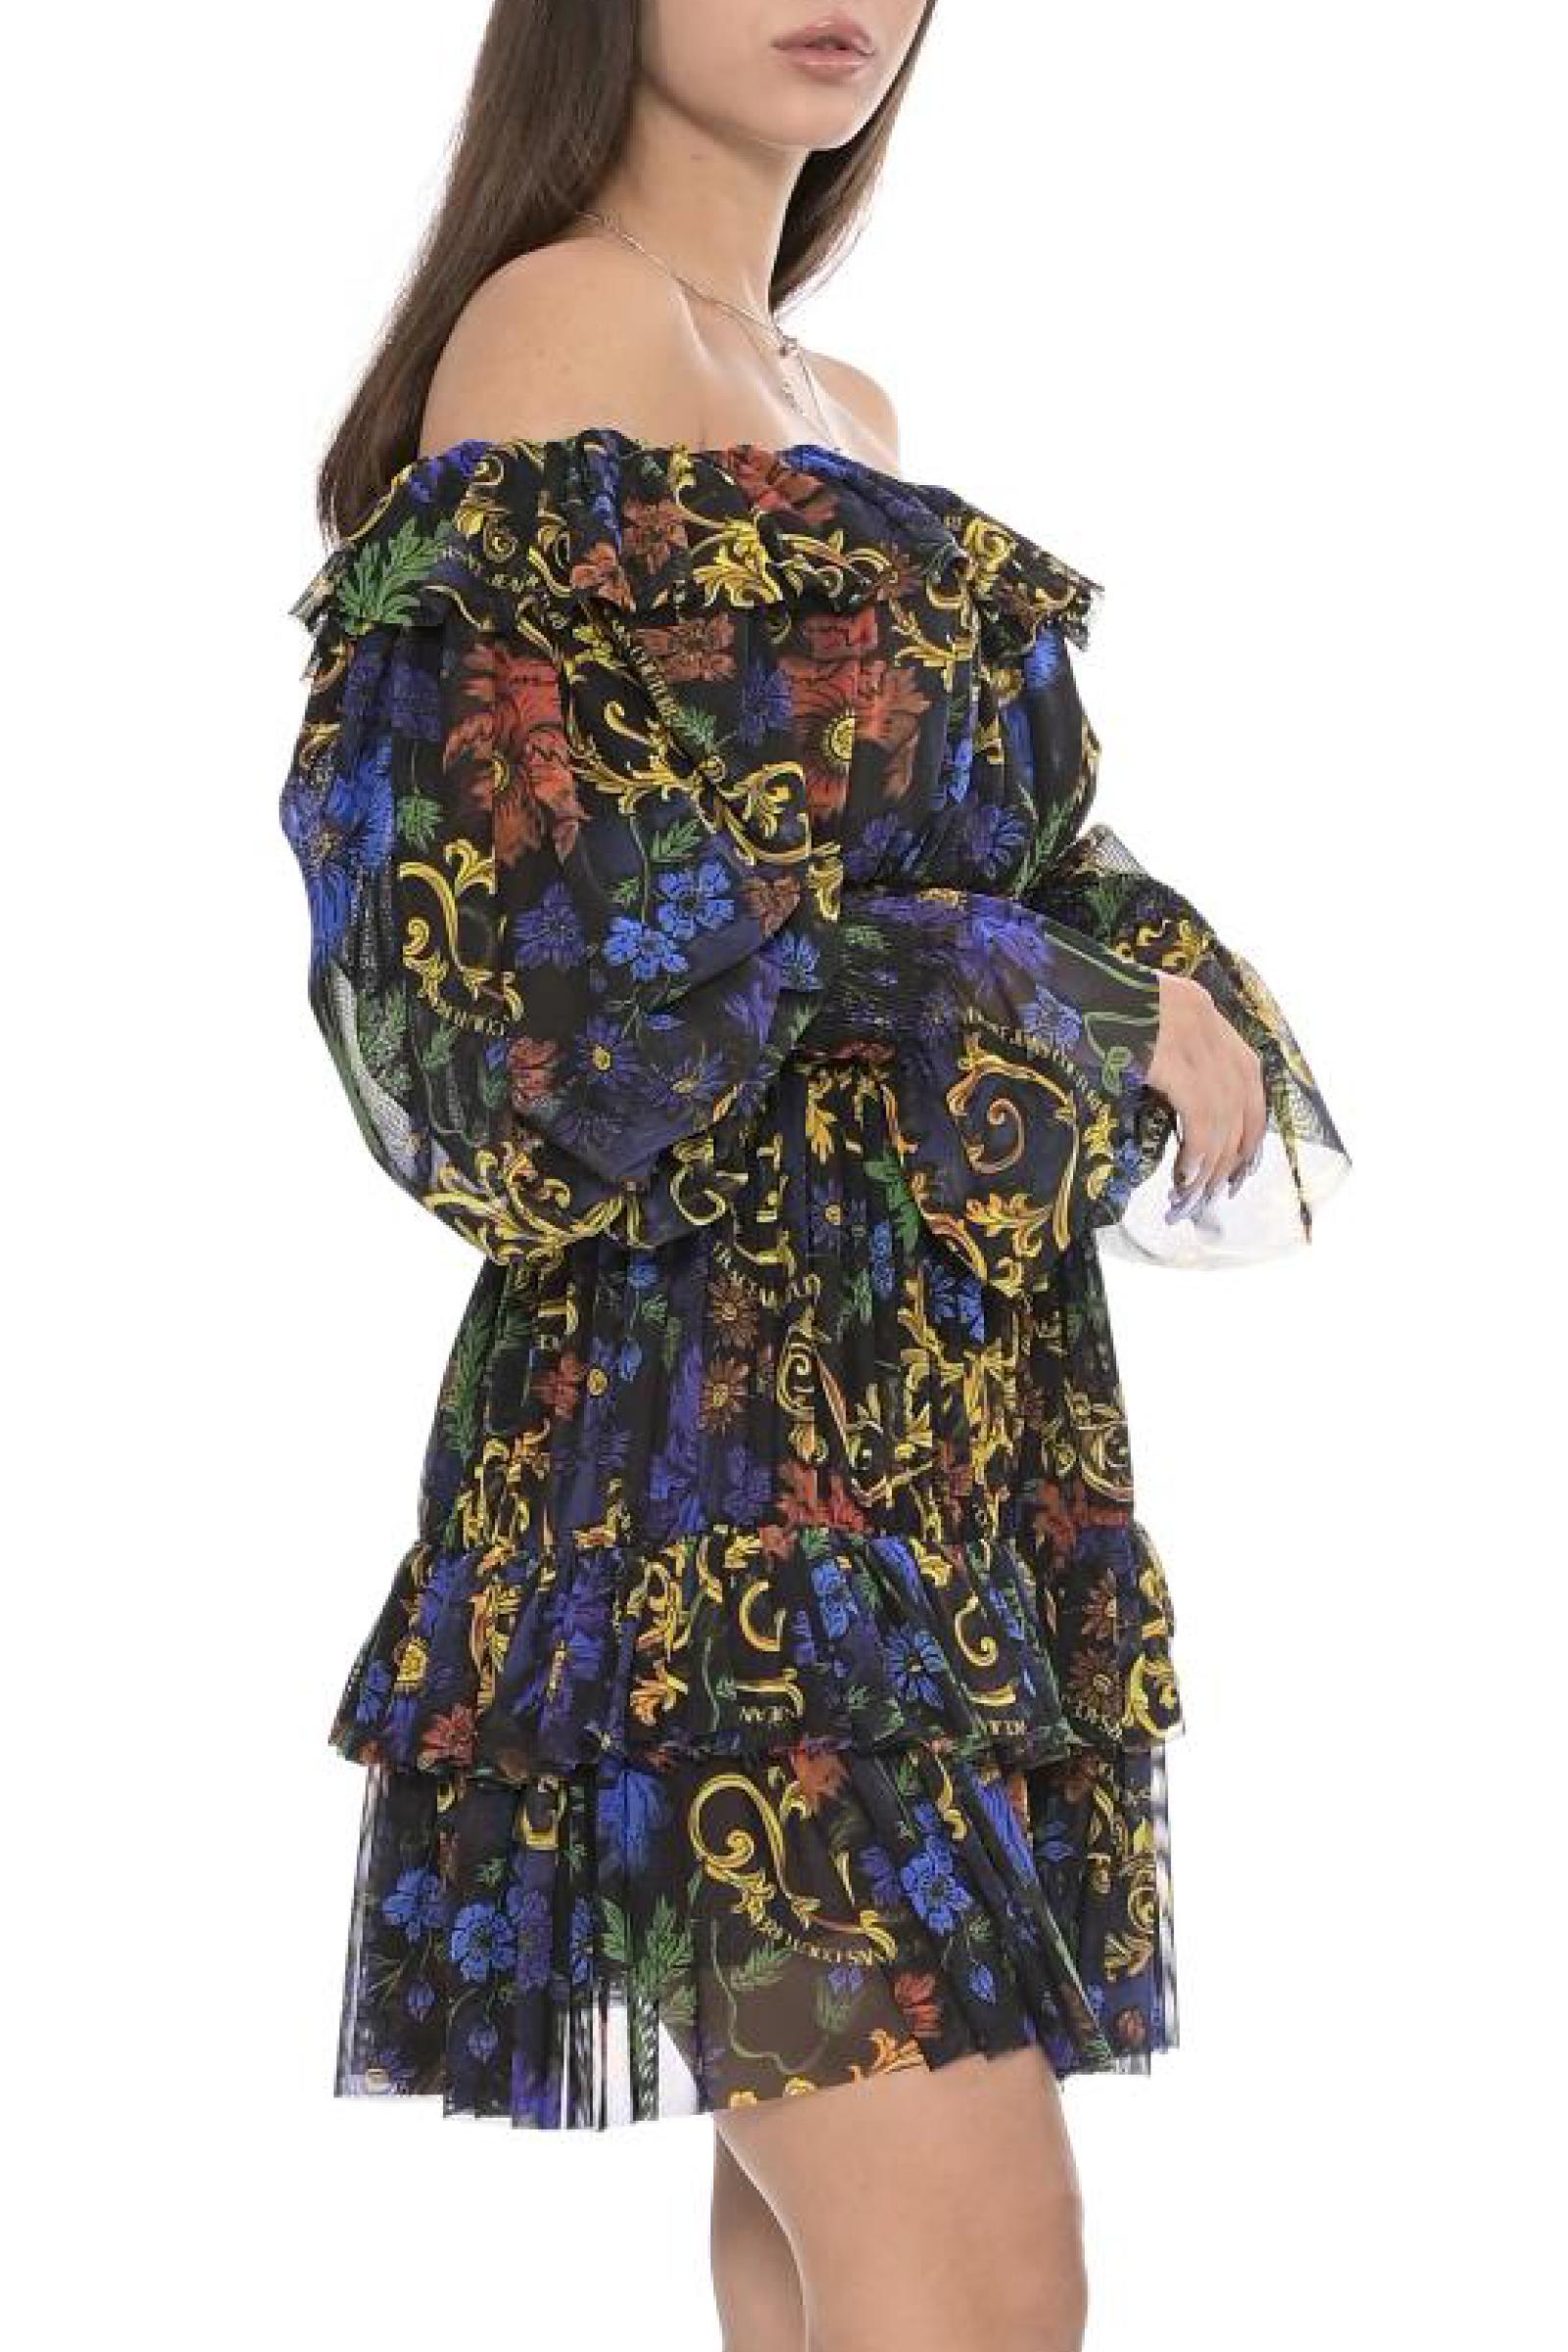 VERSACE JEANS COUTURE Woman Dress VERSACE JEANS COUTURE | Dress | D2HZB400.S0864983 ZDM900